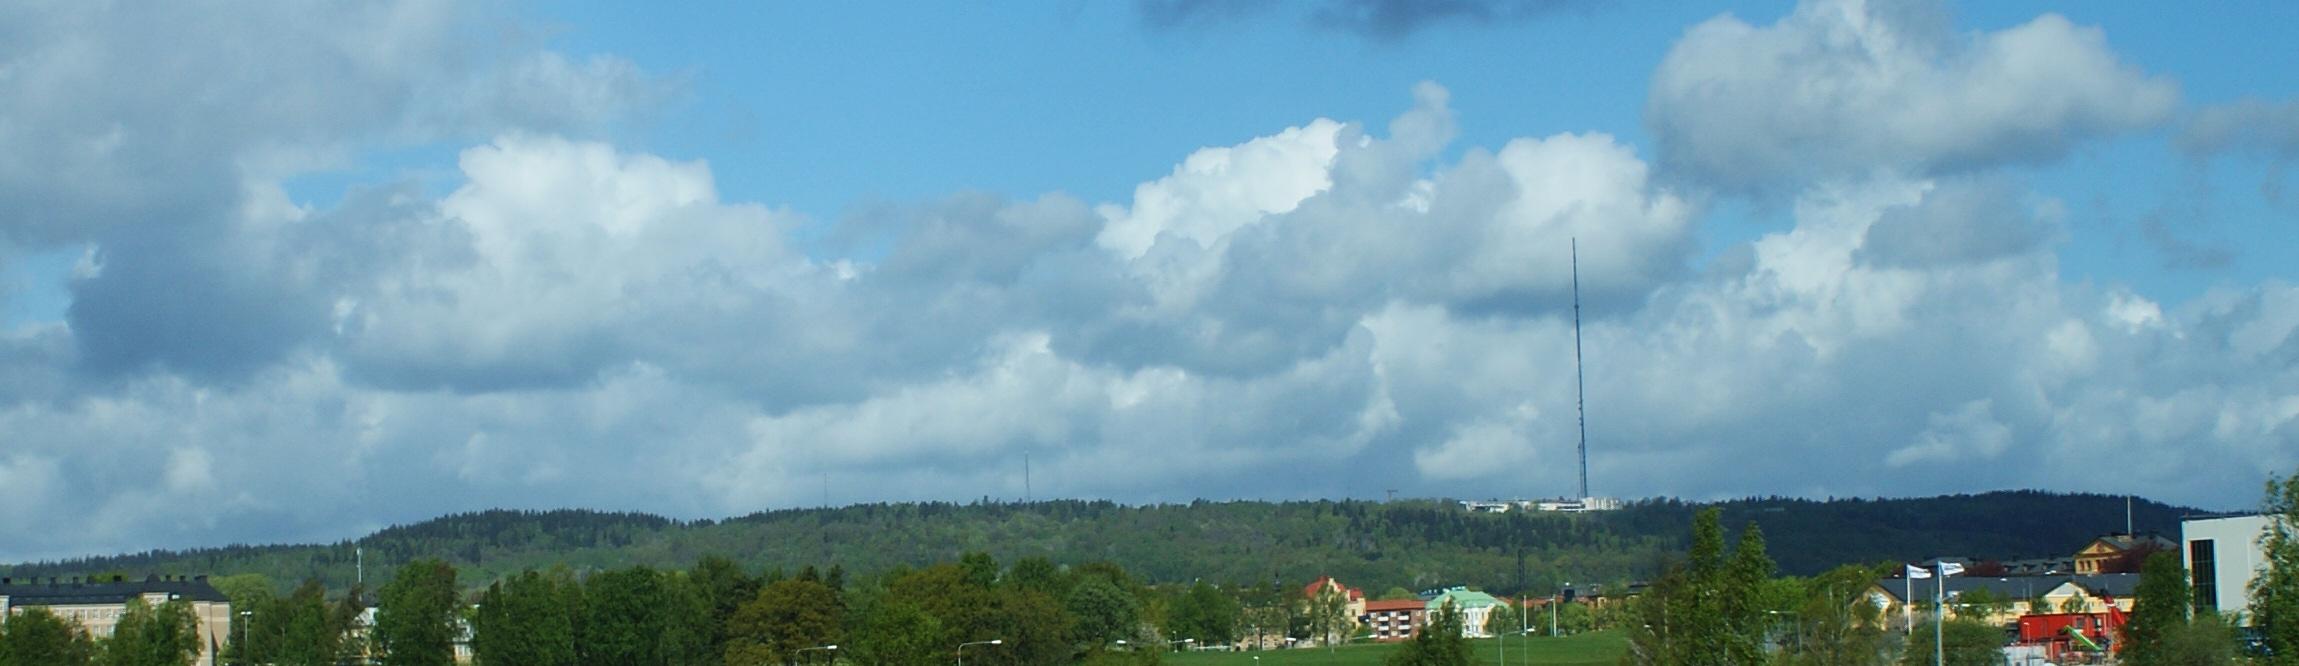 Der Westhang, von Skövde aus gesehen.